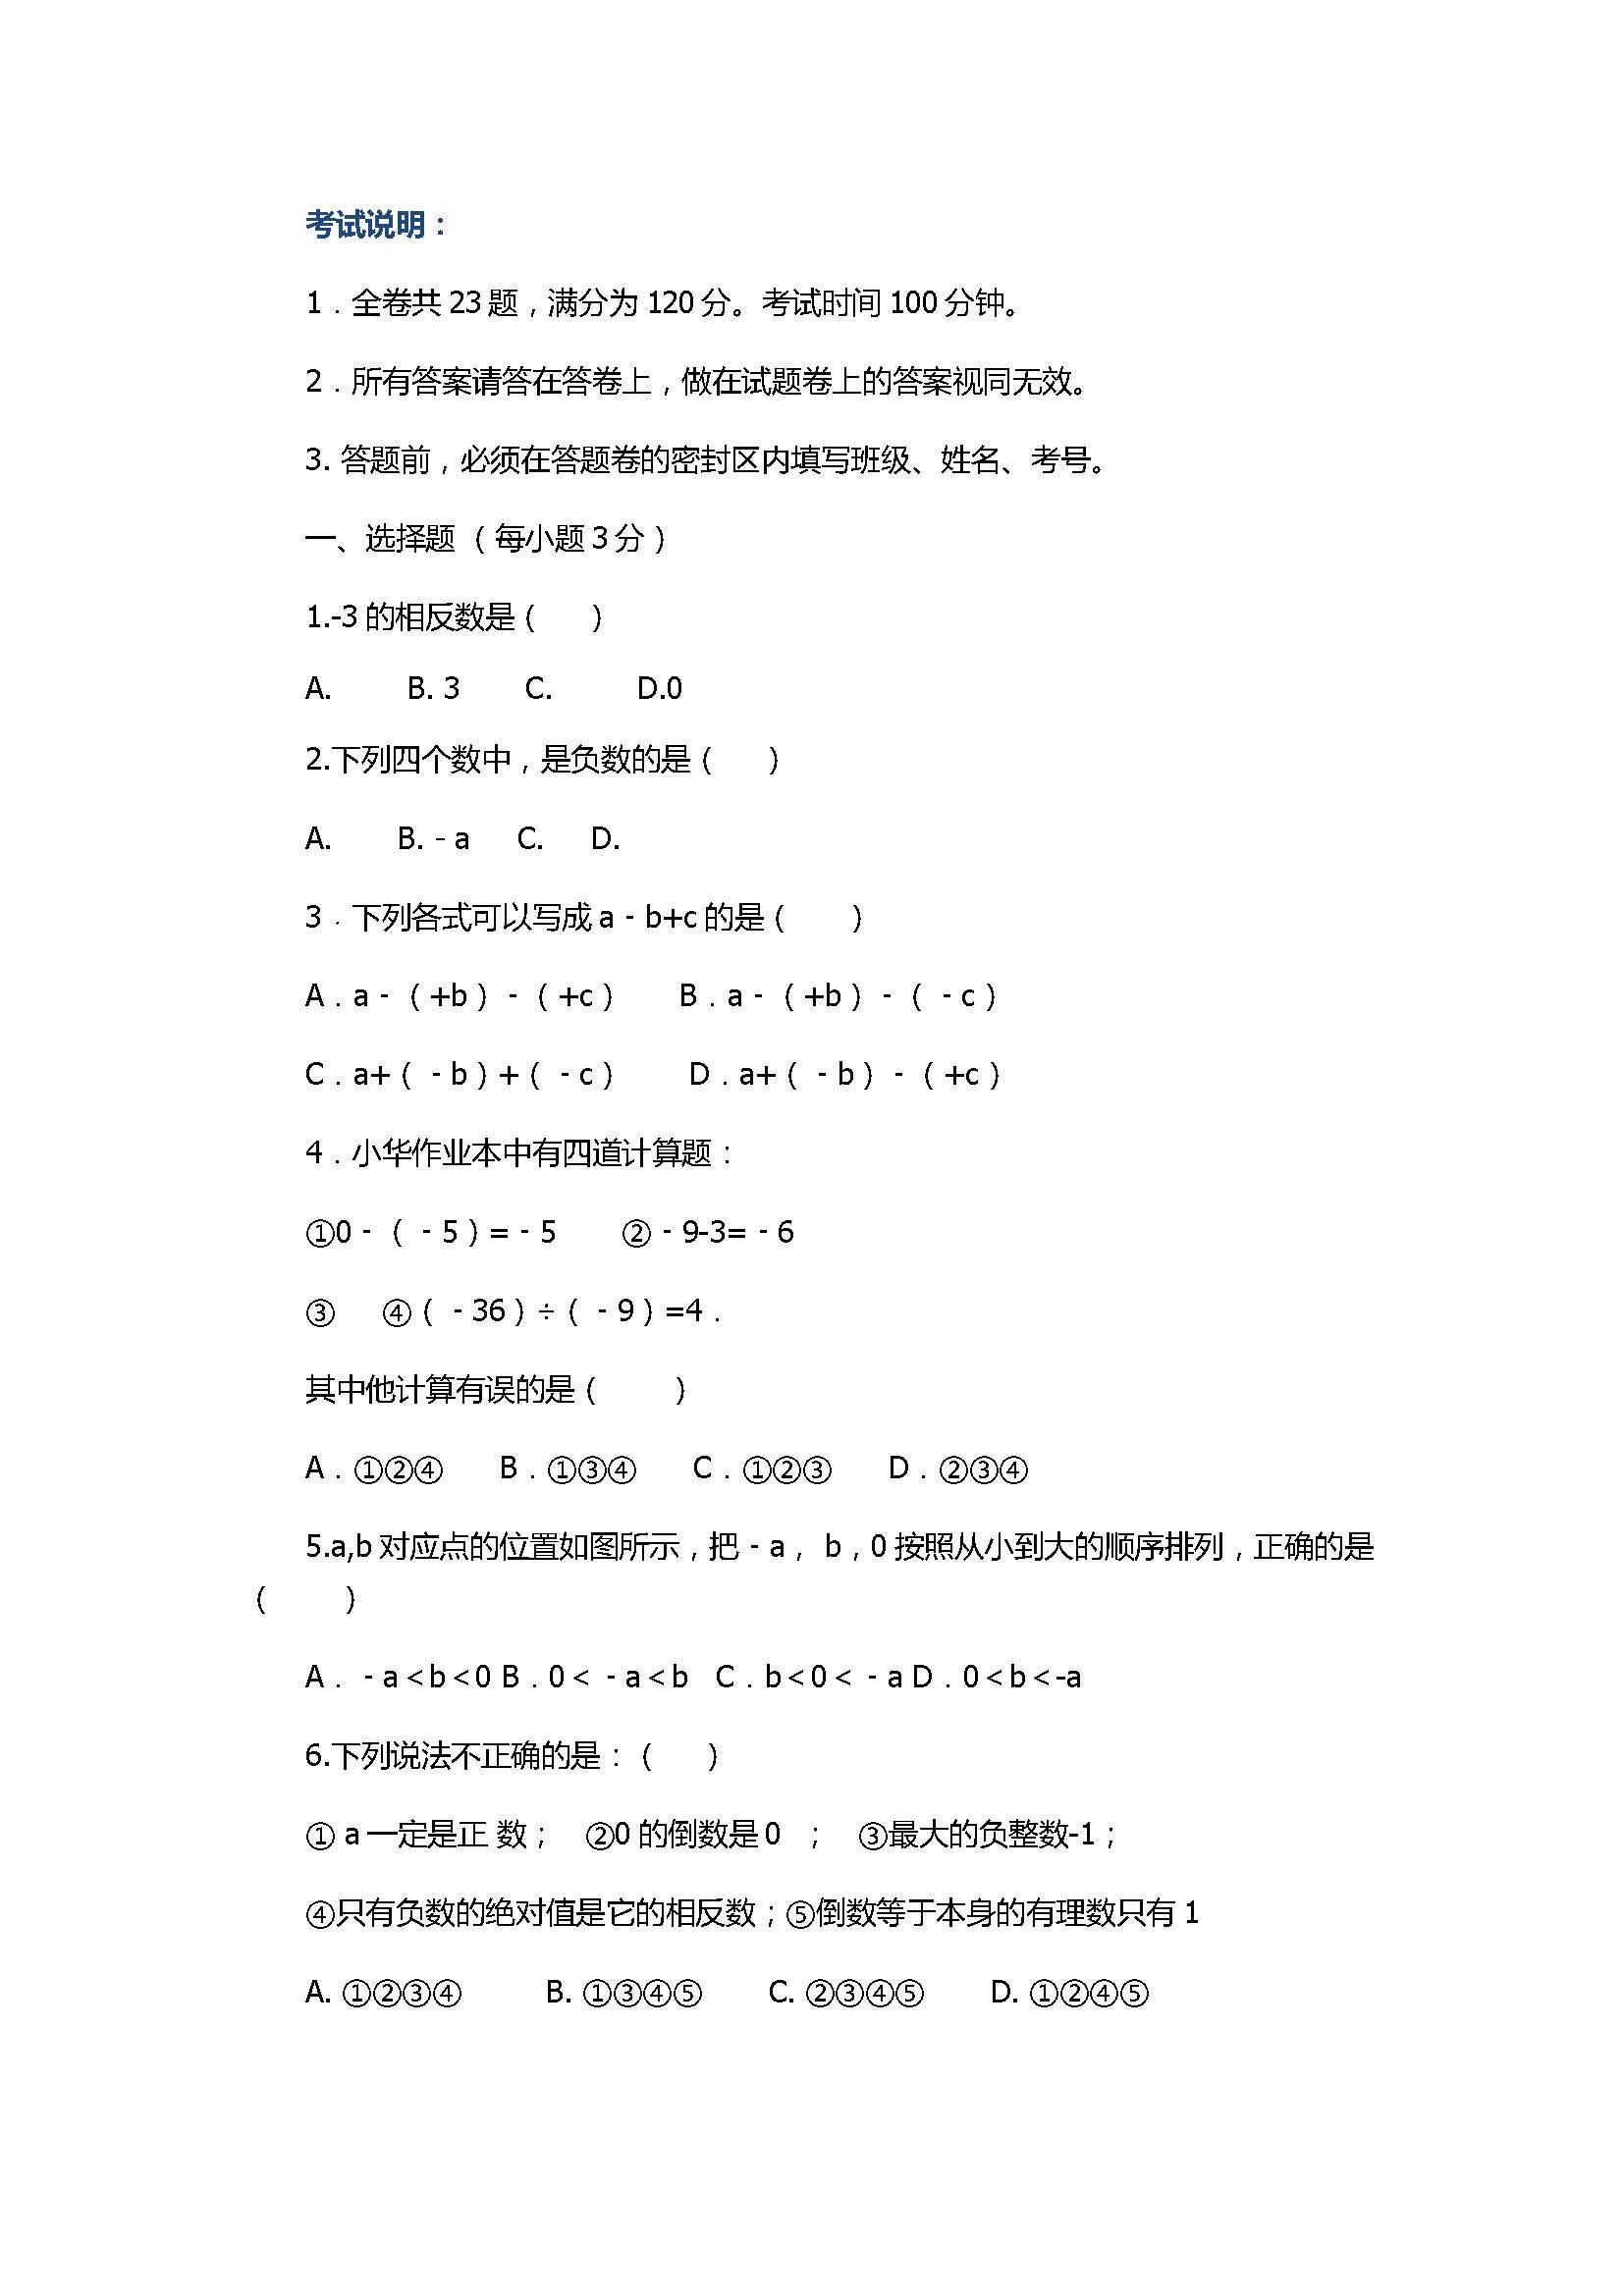 2017七年级数学上册月考能力测试题含参考答案(浙教版)